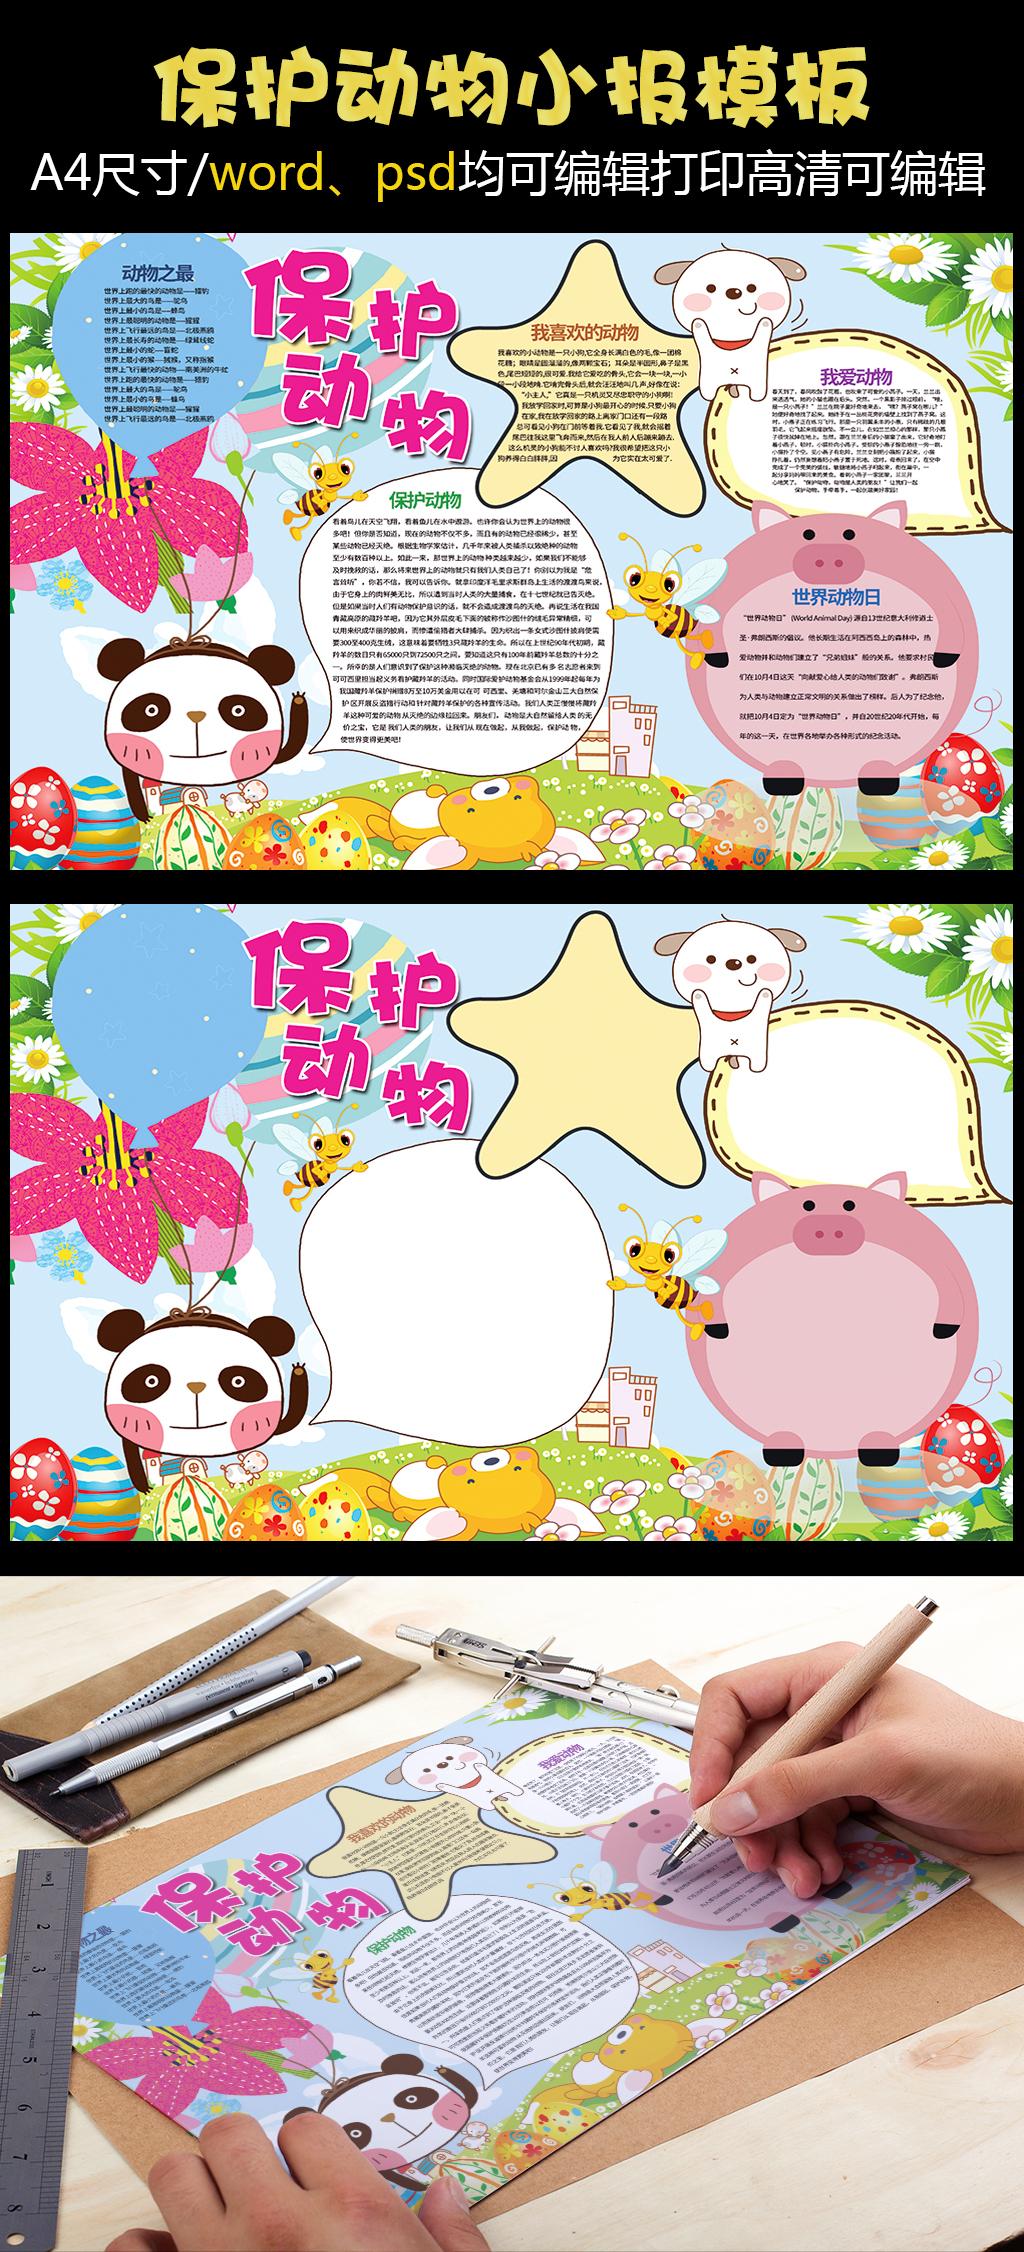 保护动物小报世界动物日小报模板图片设计素材_高清(.